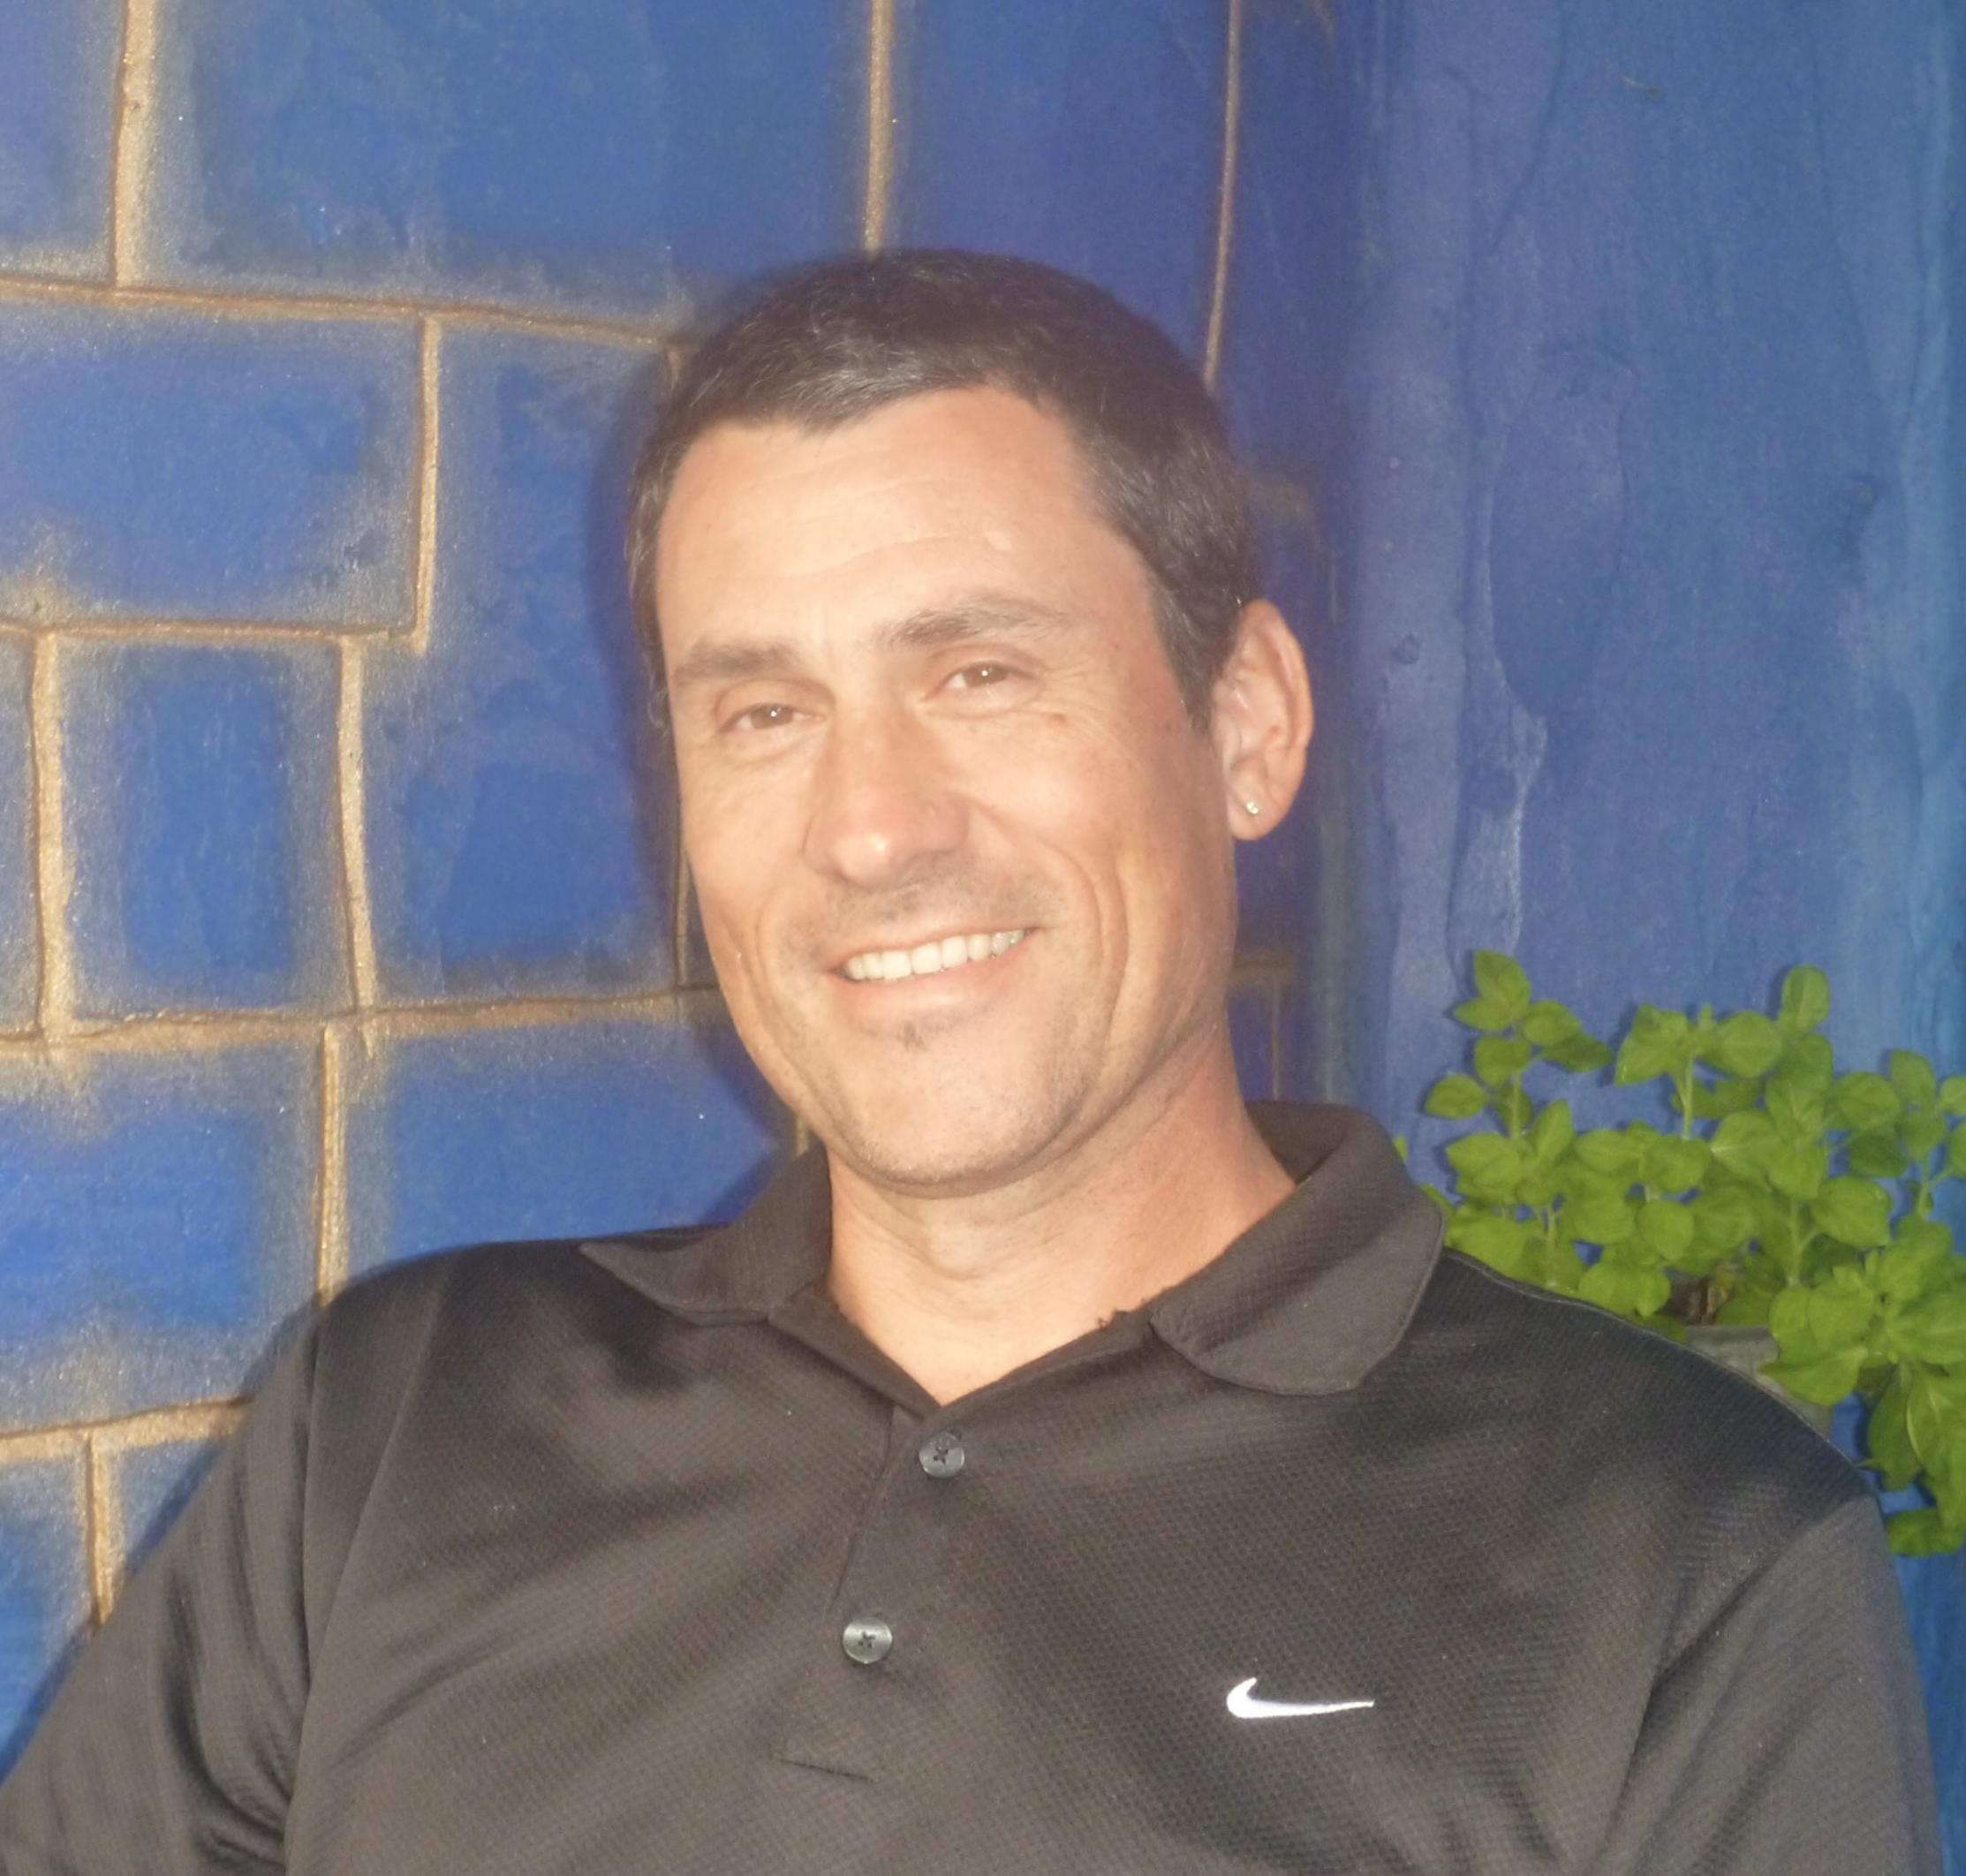 Pierre Nendaz